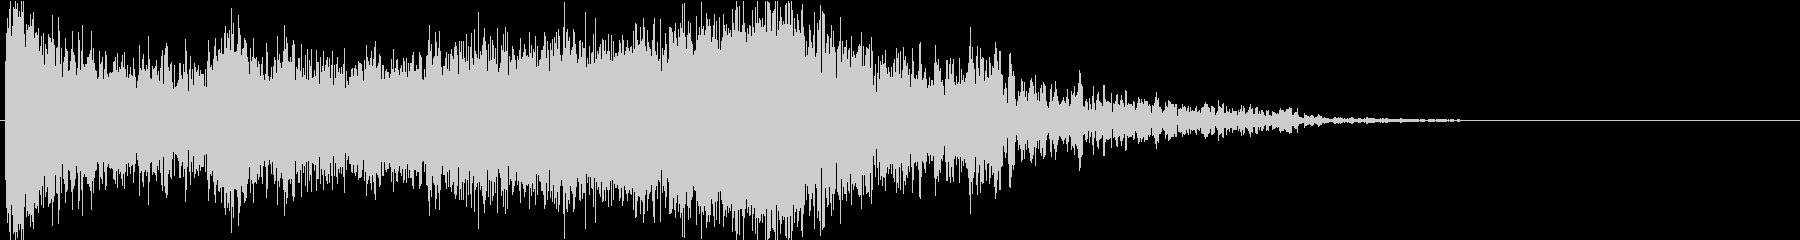 ホラゲーで使える緊張感のある効果音の未再生の波形